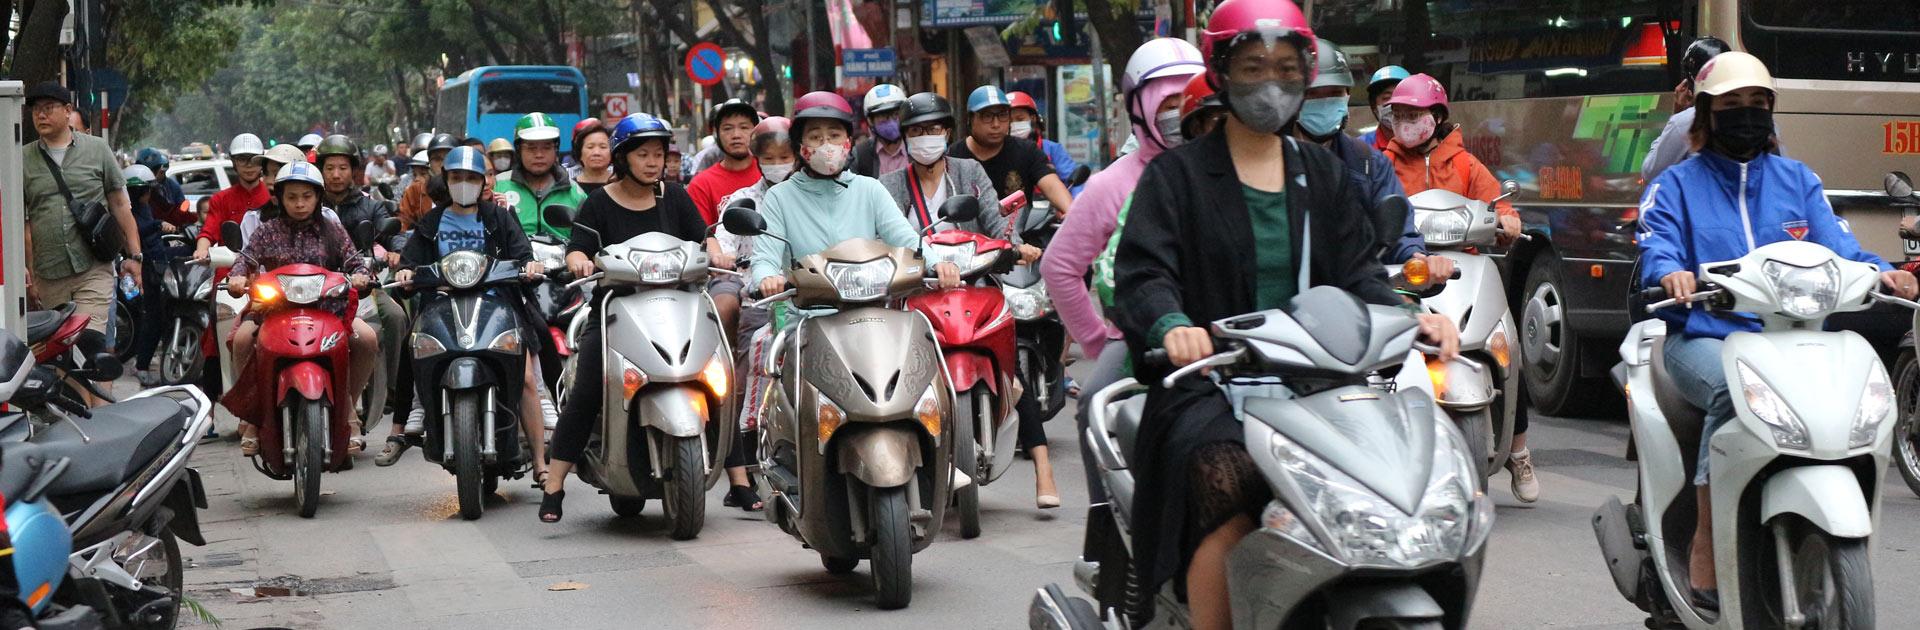 Hanoi IMG 3910